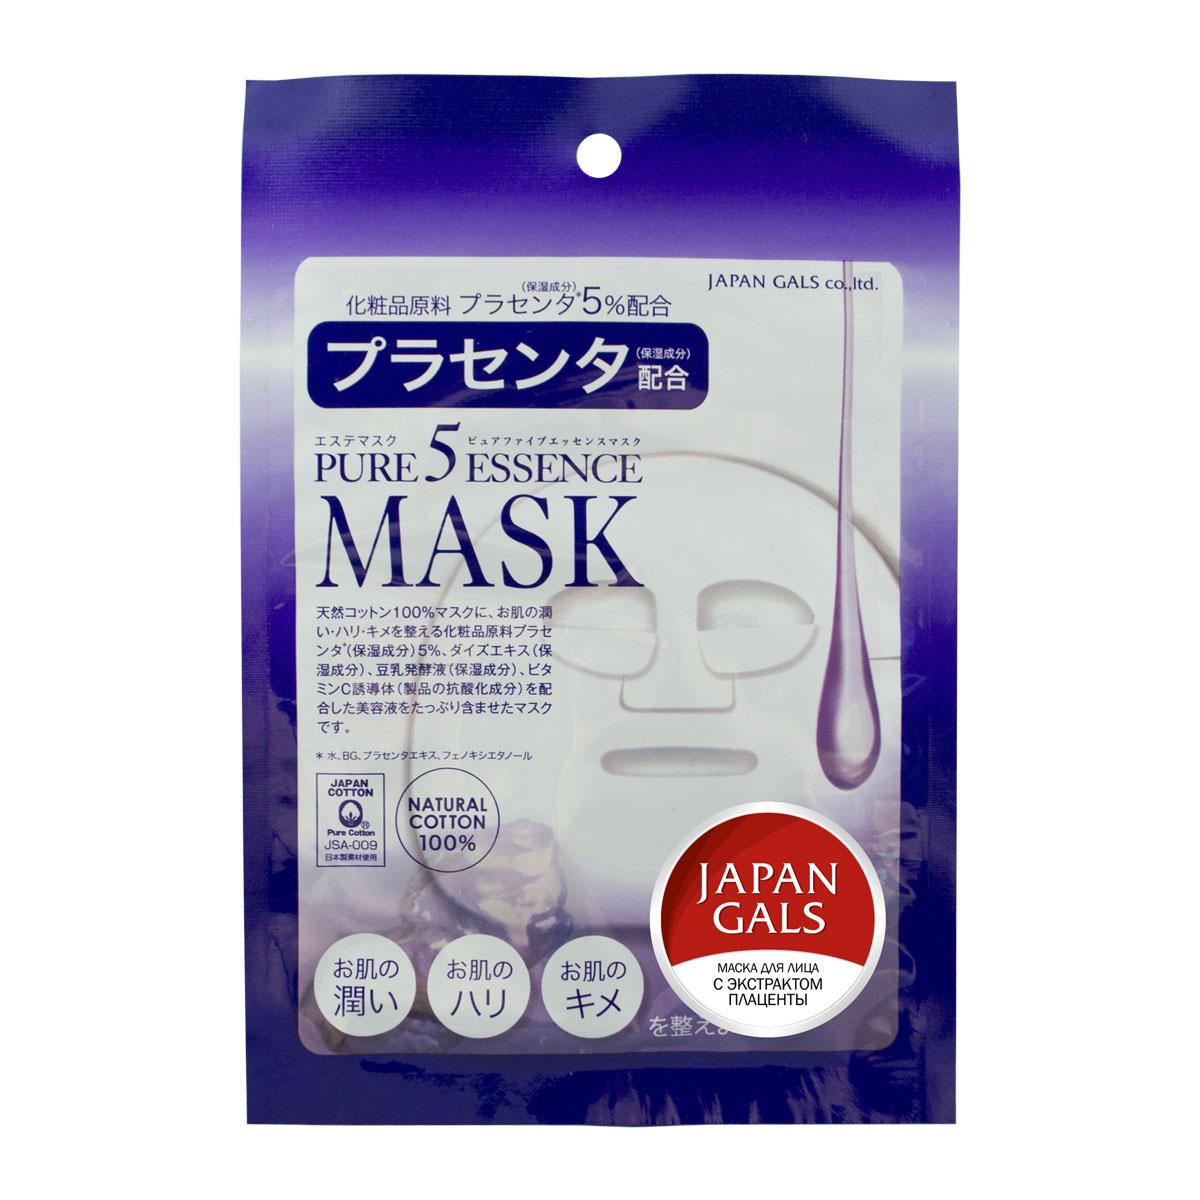 Japan Gals Маска для лица с плацентой Pure 5 Essential 1 шт12274Экстракт плаценты Экстракт плаценты - уникальный природный комплекс, содержащий белки, нуклеиновые кислоты, полисахариды, липиды, ферменты, аминокислоты, ненасыщенные жирные кислоты, витамины и микроэлементы. Благодаря экстракту плаценты стимулируется периферический кровоток. Это позволяет улучшить кровоснабжение кожи, из нее выводятся токсины, активизируется клеточное дыхание, улучшается метаболизм.Экстракт плаценты позволяет поднять меланин из глубоких слоев на поверхность кожи, откуда он удаляется при отшелушивании вместе с кератином.Выжимка из плаценты снимает воспаление, полученное от длительного воздействия солнечных лучей. Особый крой маски обеспечивает эффект 3D-прилегания, а большая площадь ткани гарантирует полное покрытие. Также у маски имеются специальные кармашки для проработки зоны в области глаз. Эффект: улучшение цвета лица, регенерация кожи, нормализация жирового баланса, замедление старения кожи, против воспалительных процессов. Способ применения: после умывания расправьте и плотно приложите маску к лицу. 5-10 минут спокойно полежать. Если хотите дополнительно проработать зону глаз, накройте их специальными накладками. Если хотите проработать зону под глазами, сложите накладку для глаз в два раза. Способ хранения: держать в недоступном для детей месте.Состав: Вода, BG, глицерин, экстракт плаценты, аскорбил фосфат магния, экстракт сои, ферментированное соевое молоко, гидроксиэтилцеллюлоза, пальмовое масло, алкил, PG, димониум хлорид фосфат, феноксиэтанол, метилизотиазолинон, лимонная кислота, антикоагулянт.